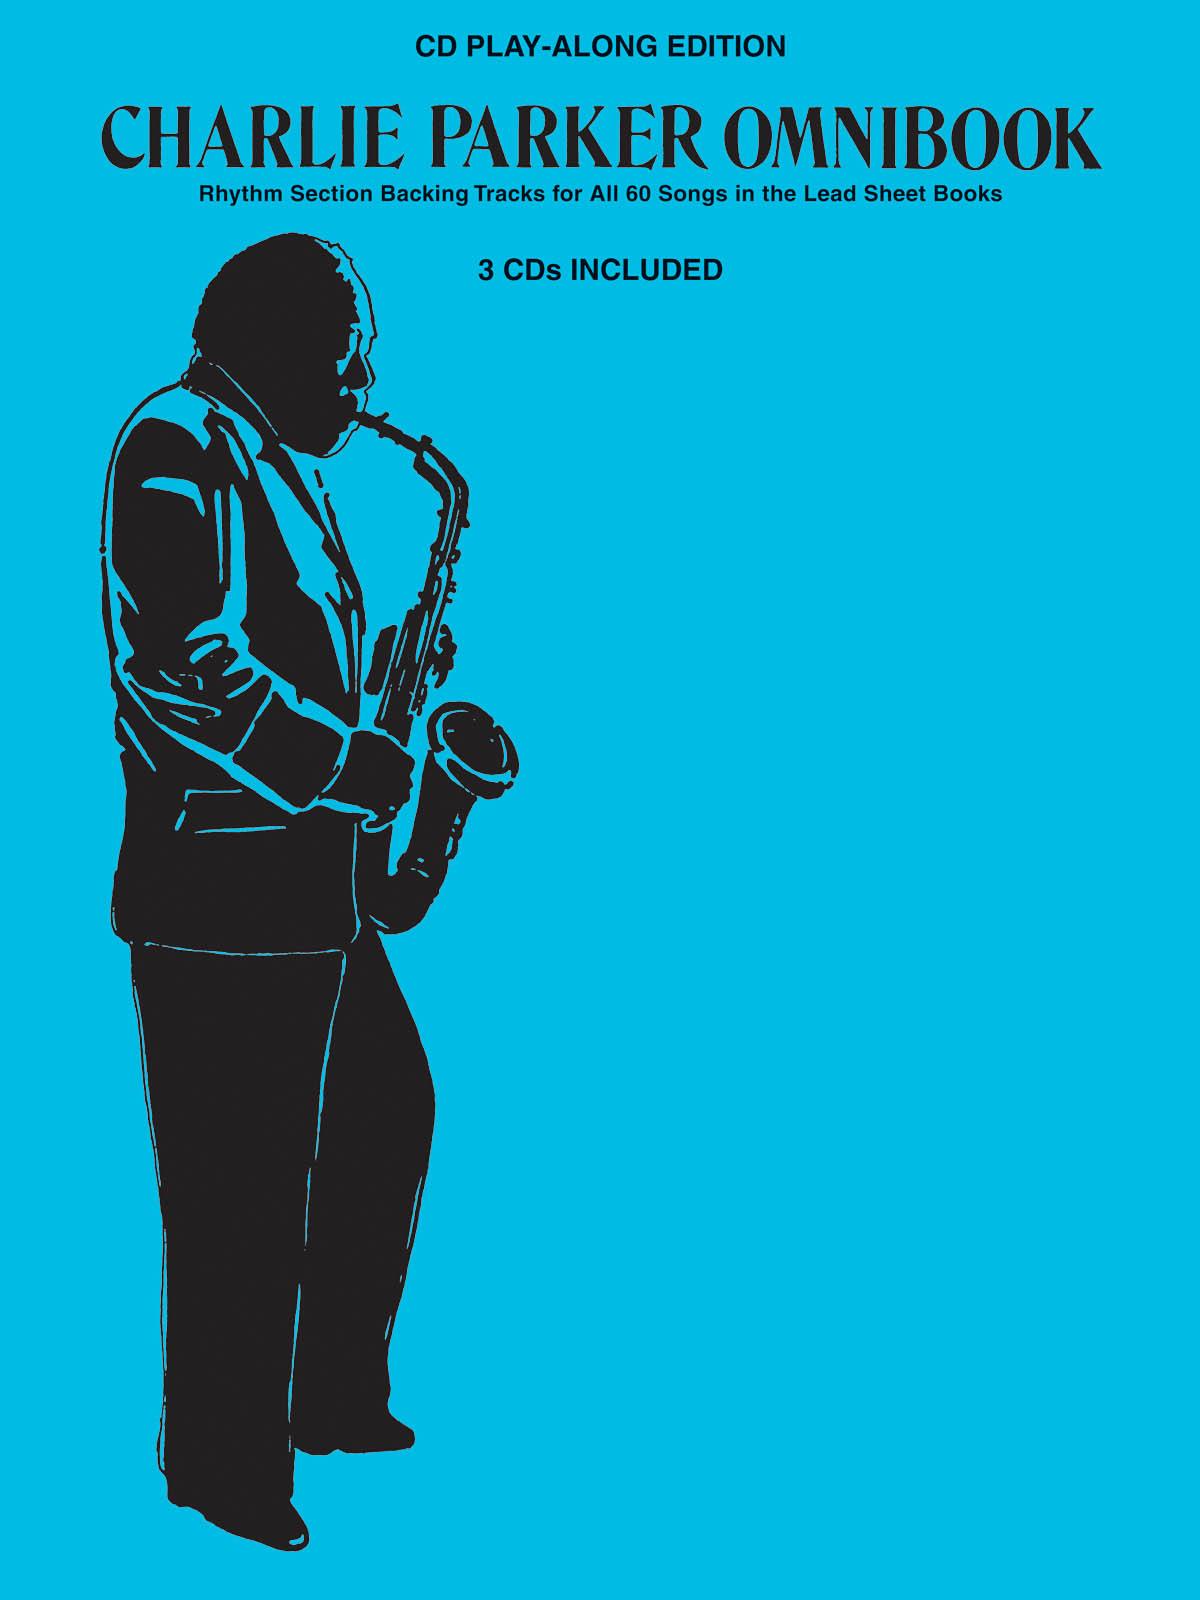 Charlie Parker: Charlie Parker Omnibook CD Play-Along Edition 3 cd: Saxophone: